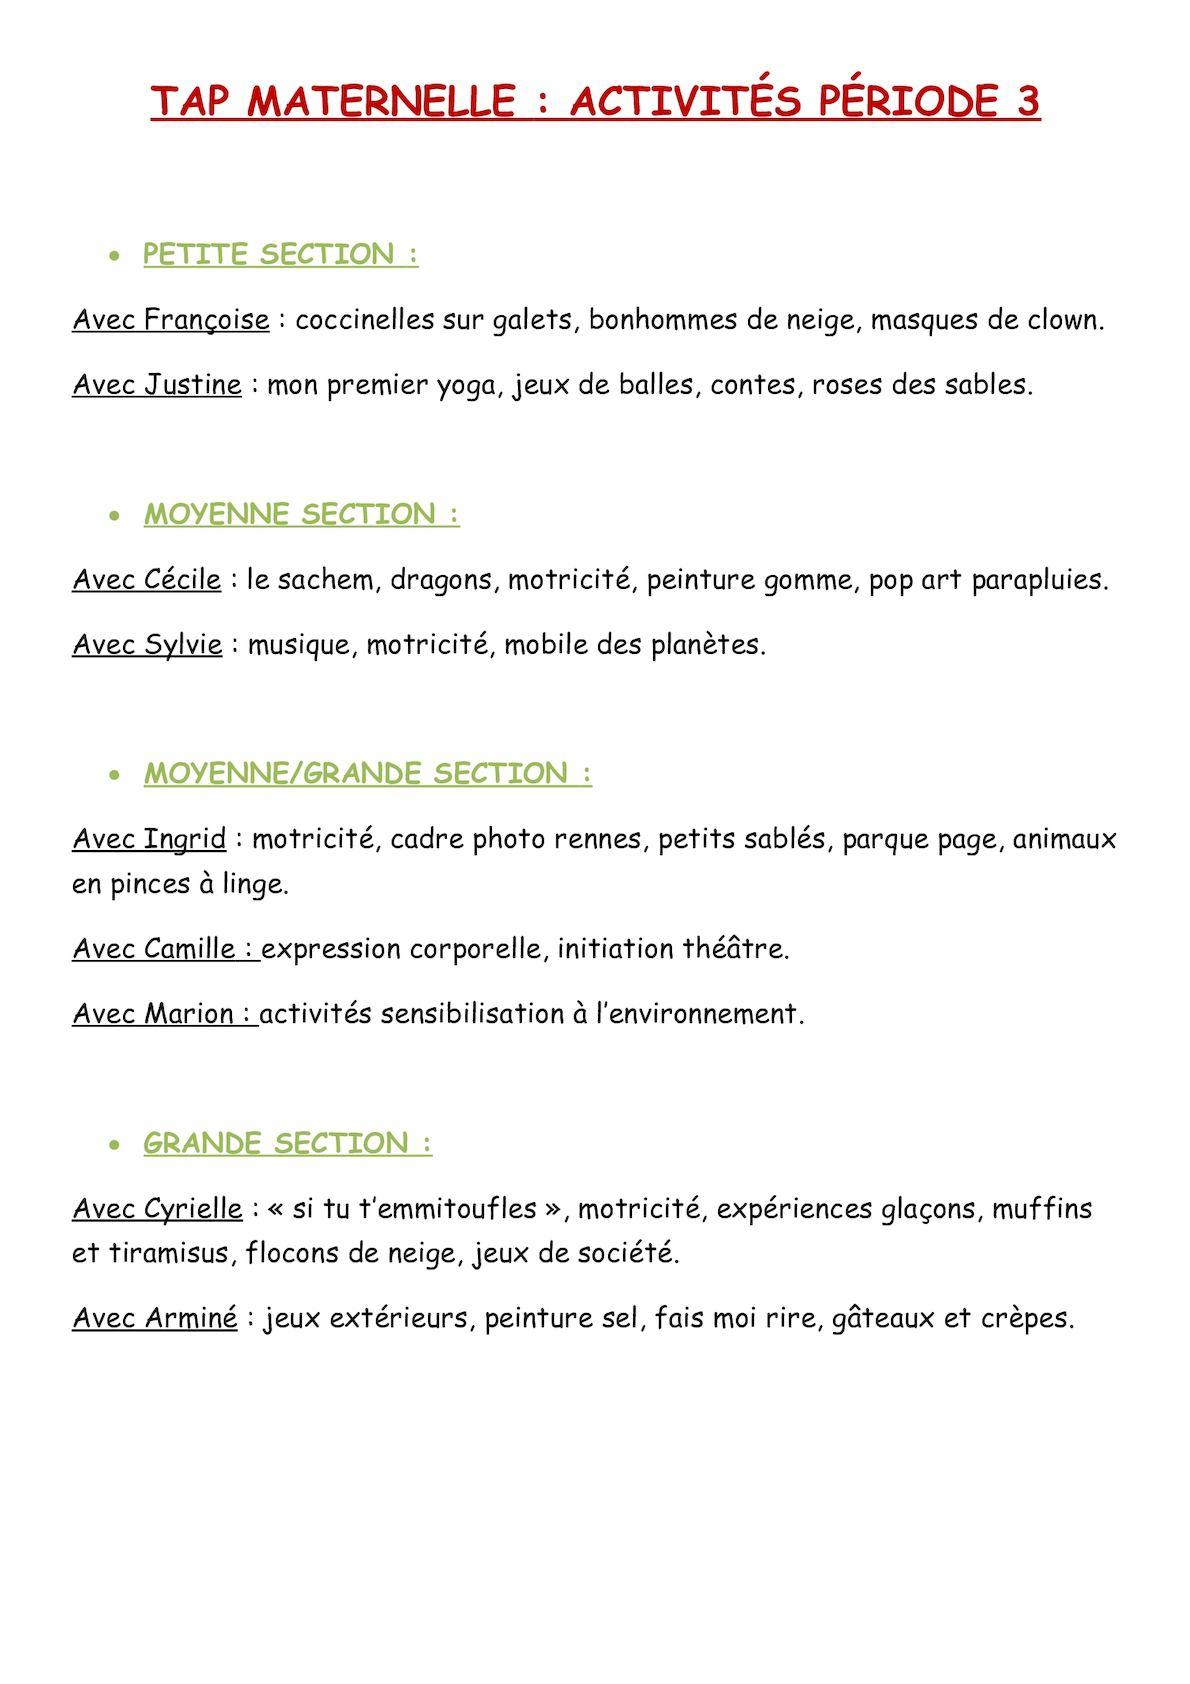 Calaméo - Tap Maternelle P3 tout Jeux Maternelle Moyenne Section